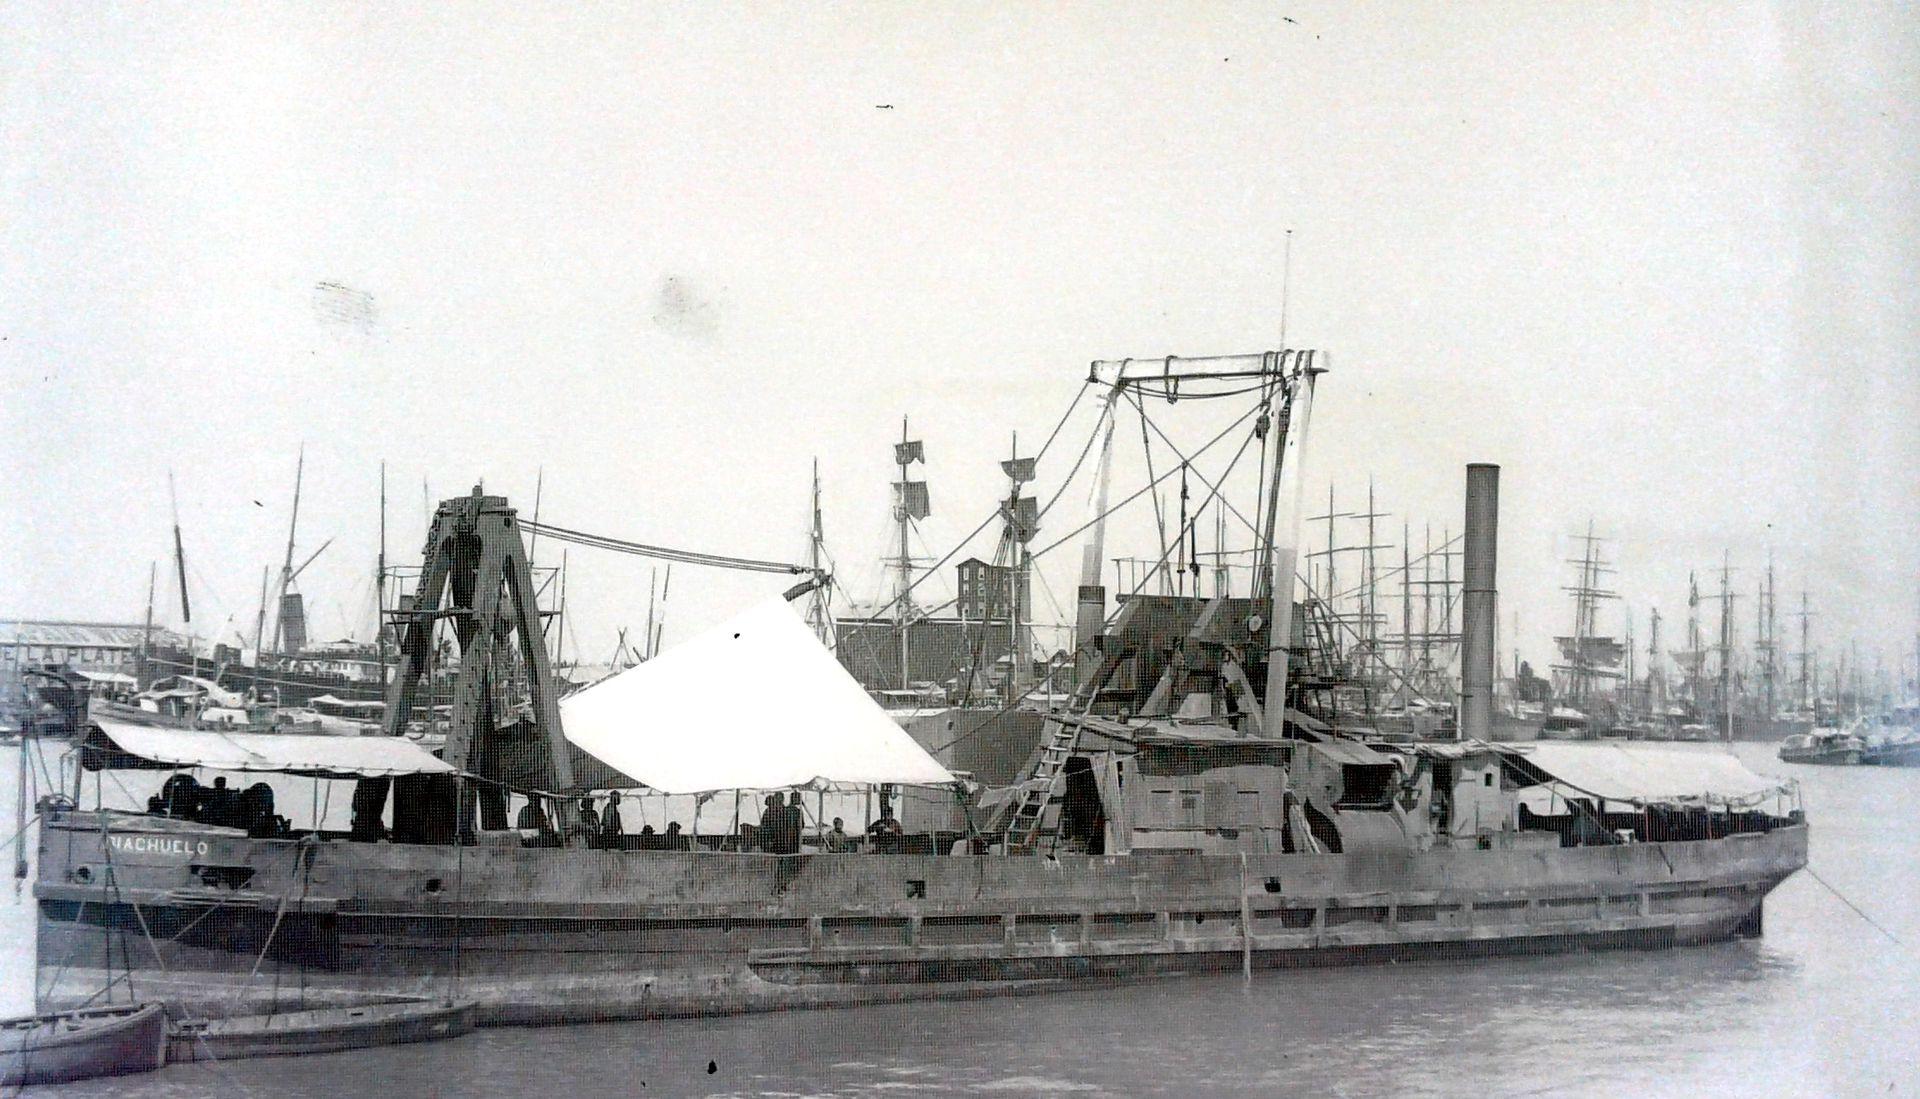 La draga Riachuelo, una de las primeras en actuar en el país. Su papel fue crucial para abrir un canal de acceso al Riachuelo y permitir la navegación de grandes buques.